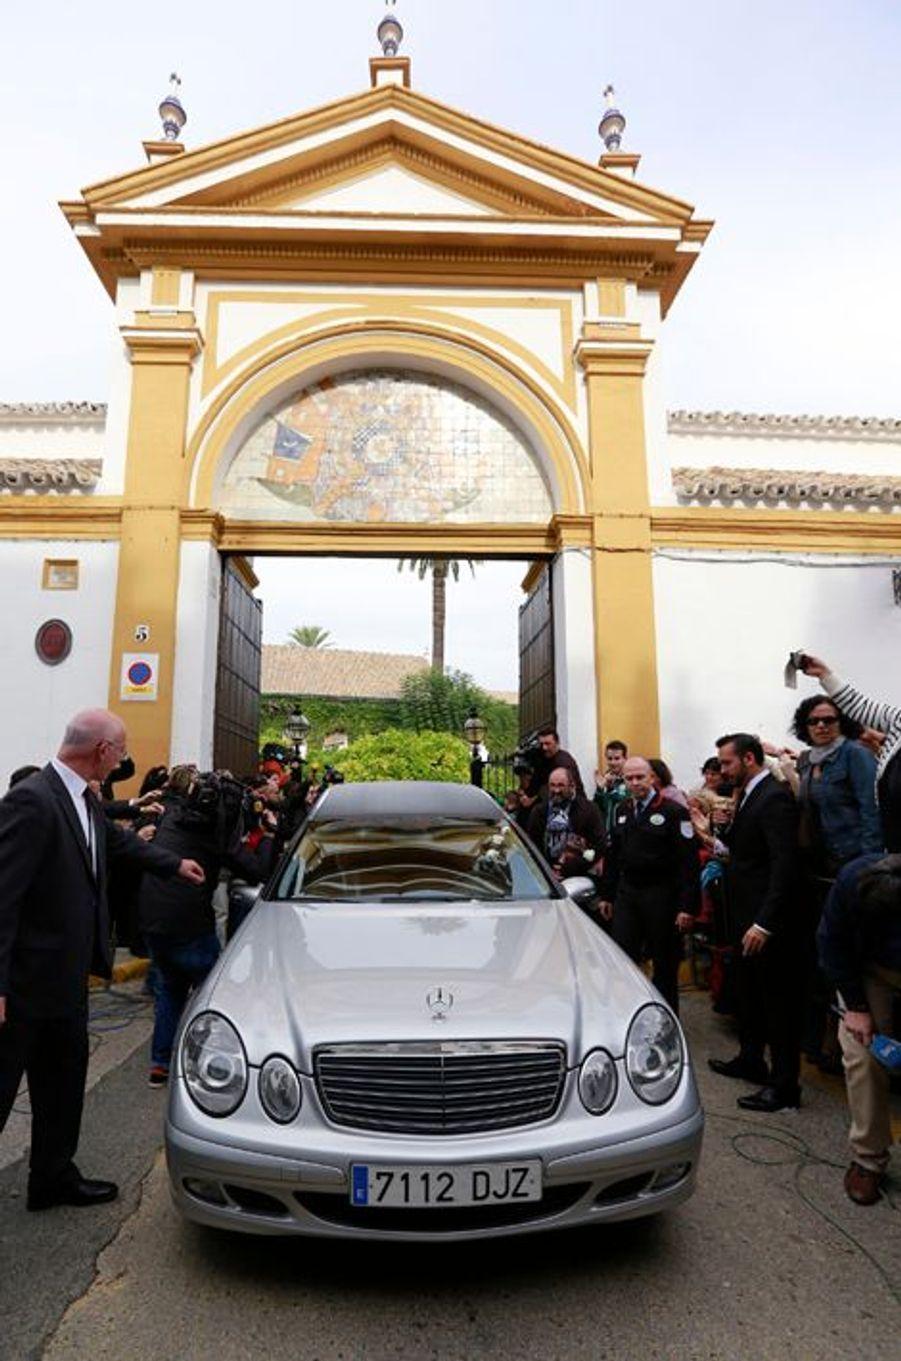 La dépouille mortelle de Cayetana quitte son palais de la Dueñas à Séville, le 20 novembre 2014